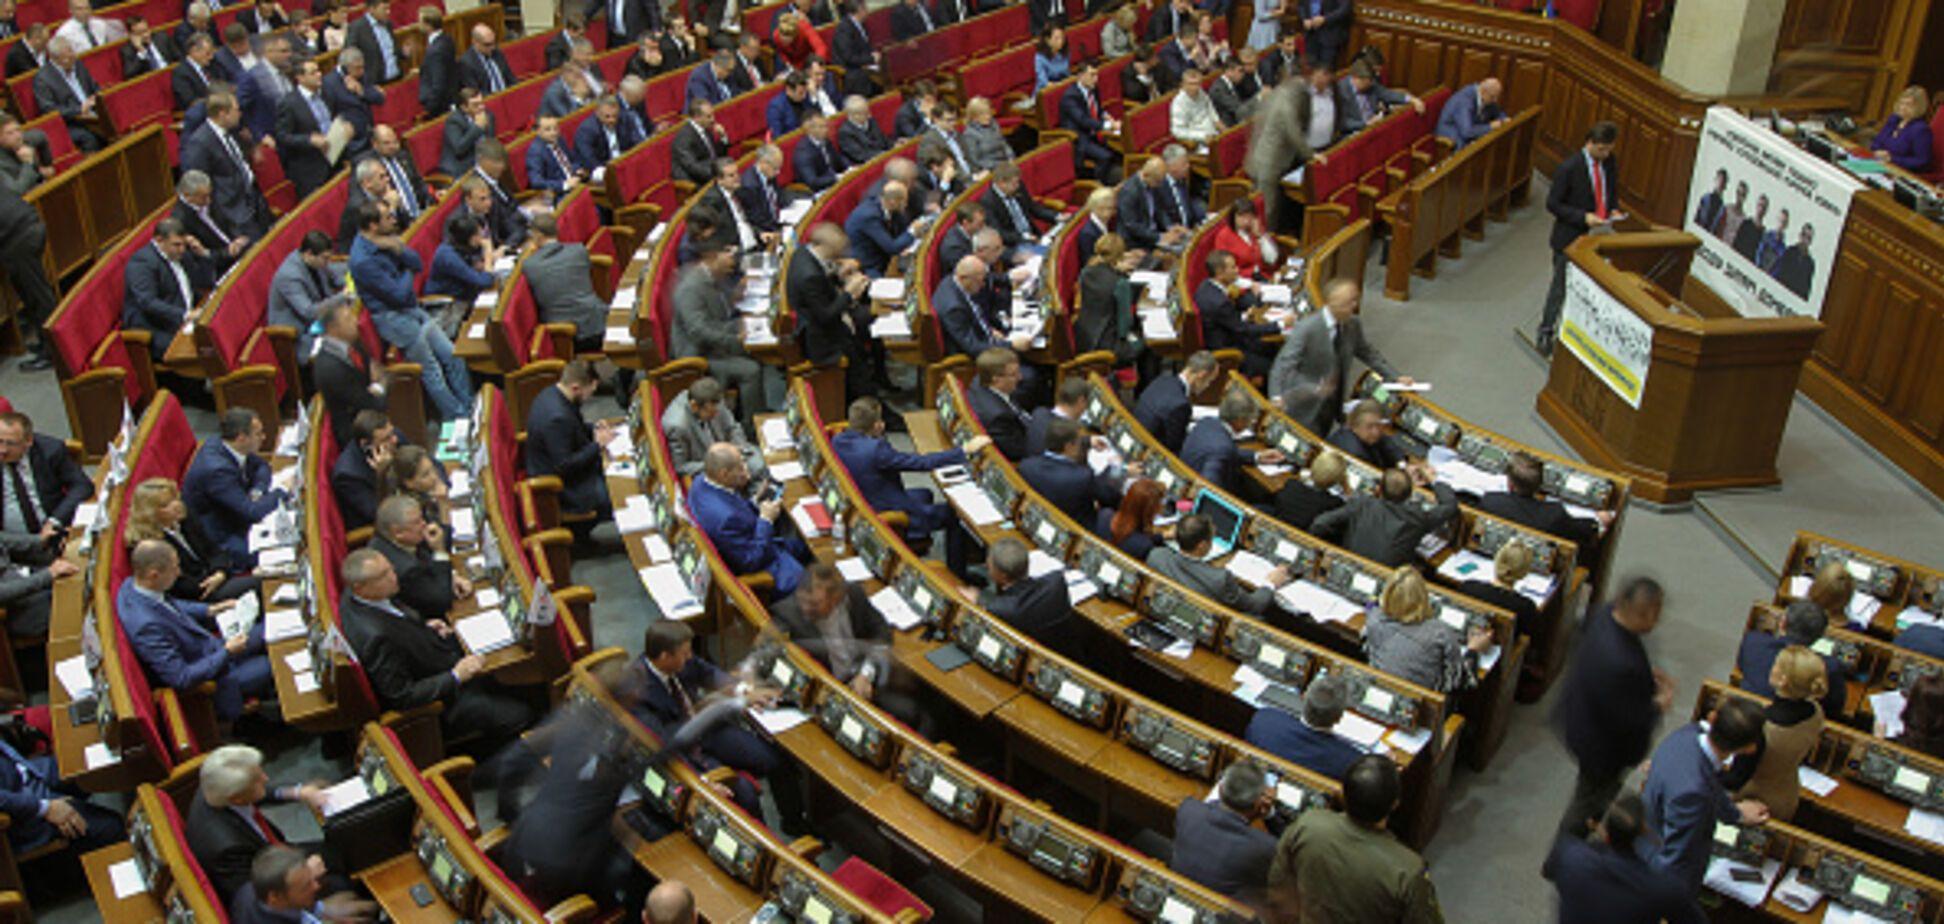 Венецианская комиссия: проект закона об антикоррупционном суде должен быть отозван